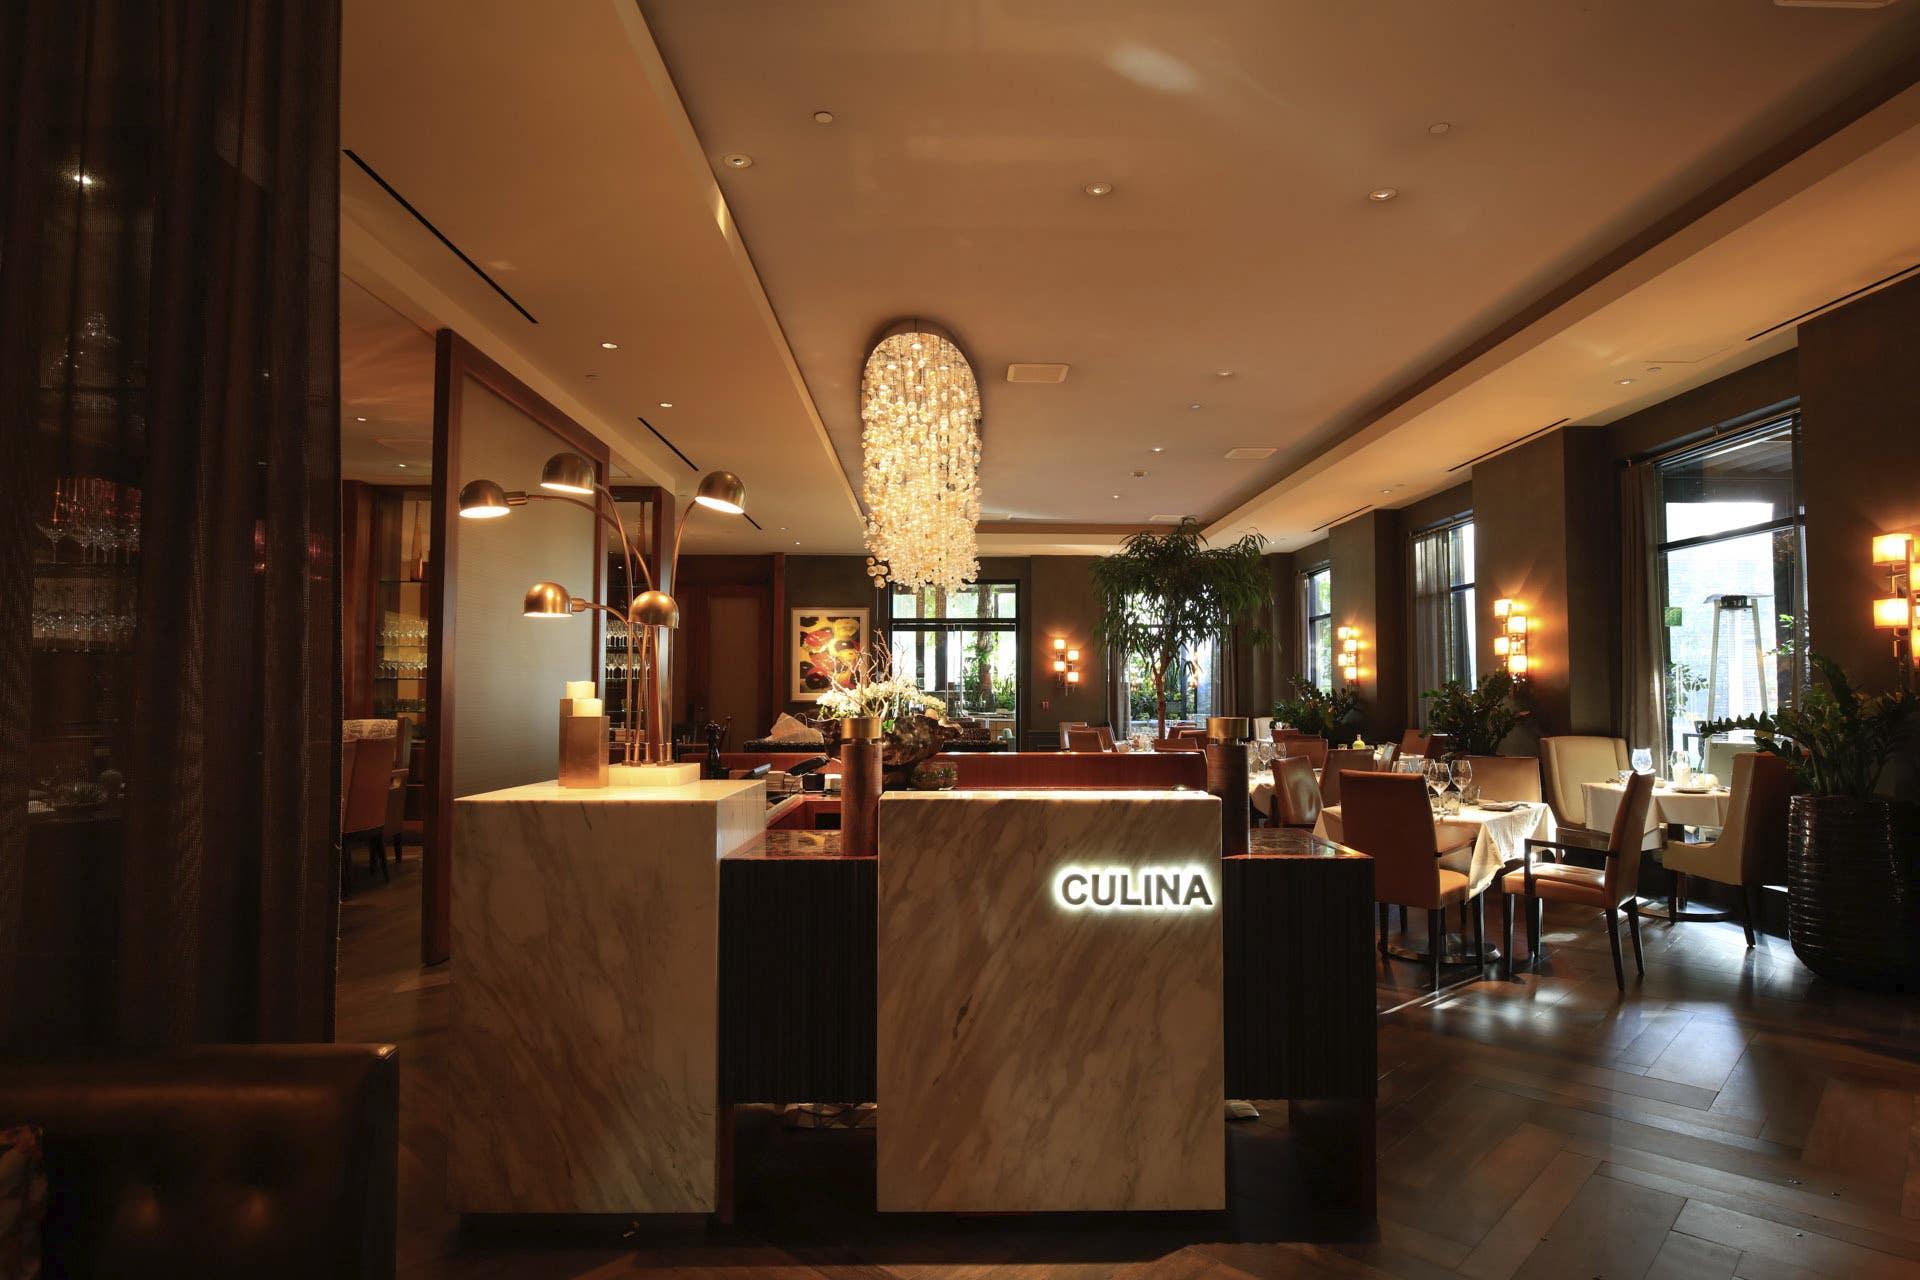 Culina at the Four Seasons Los Angeles at Beverly Hills | Photo: Yuri Hasegawa